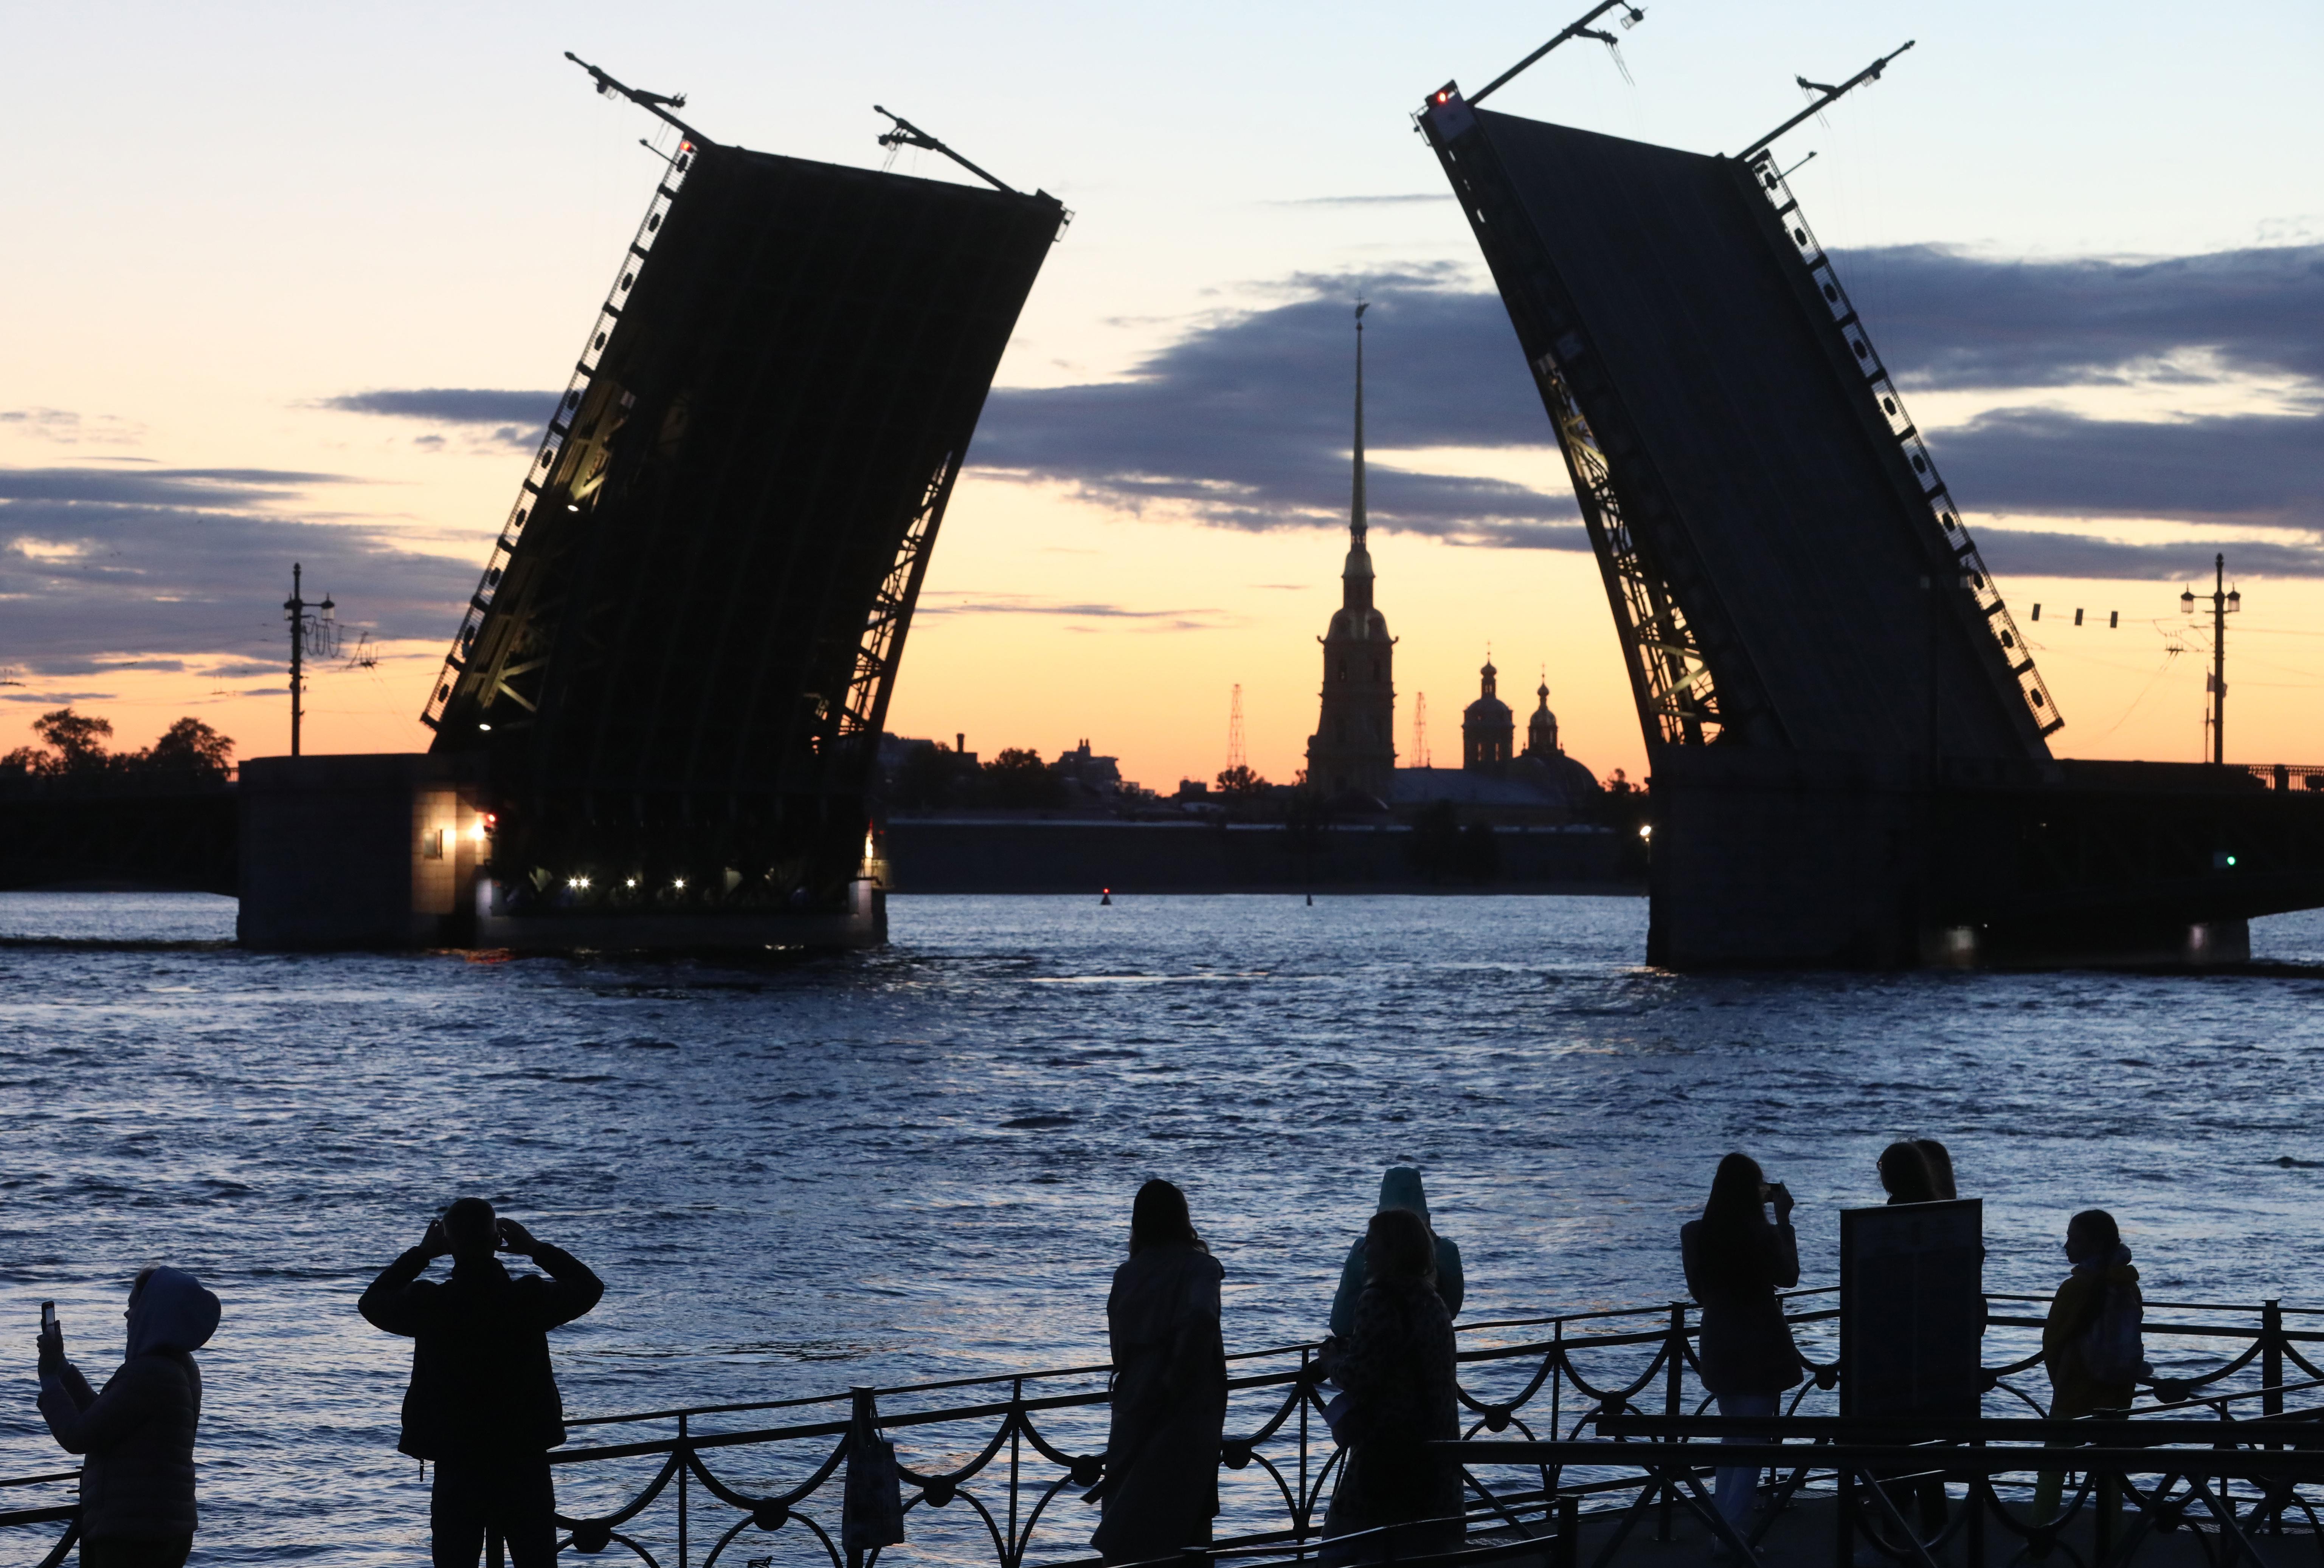 В День космонавтики на Дворцовом мосту в Петербурге появится лазерный портрет Гагарина